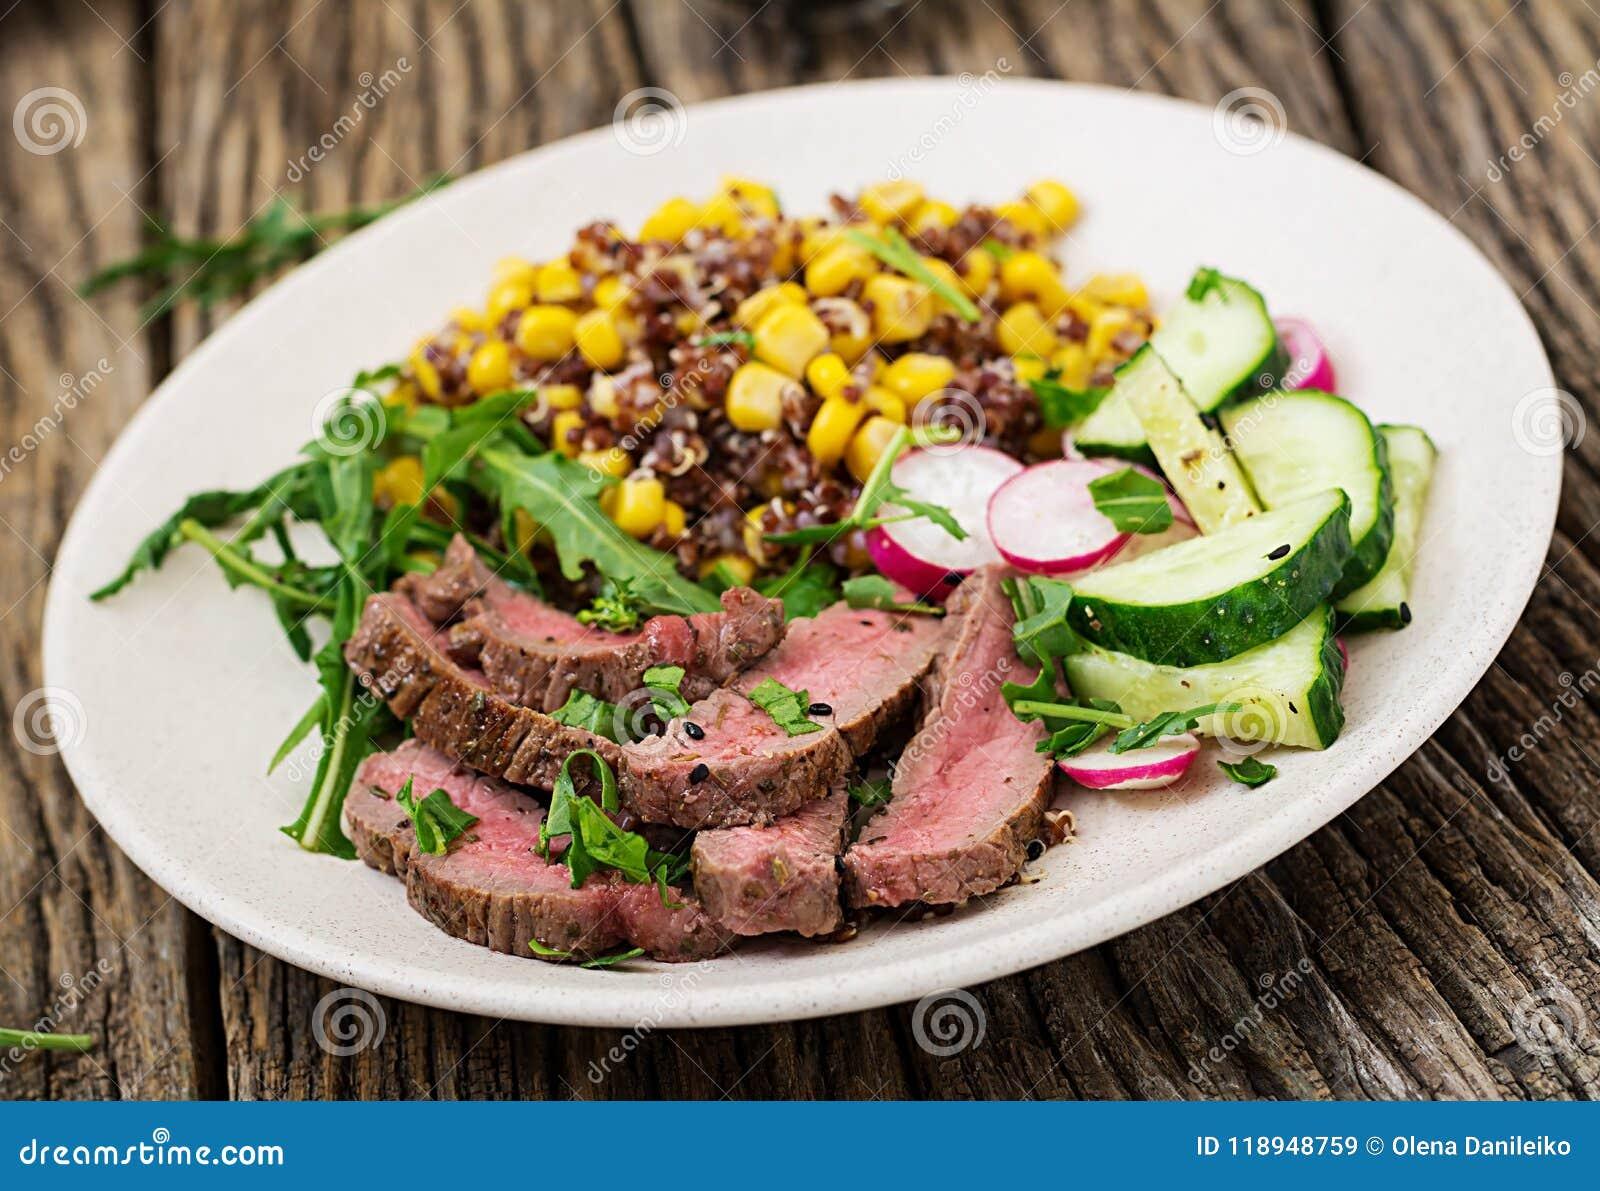 Almoço da bacia com bife e quinoa grelhado, milho, pepino, rabanete e rúcula